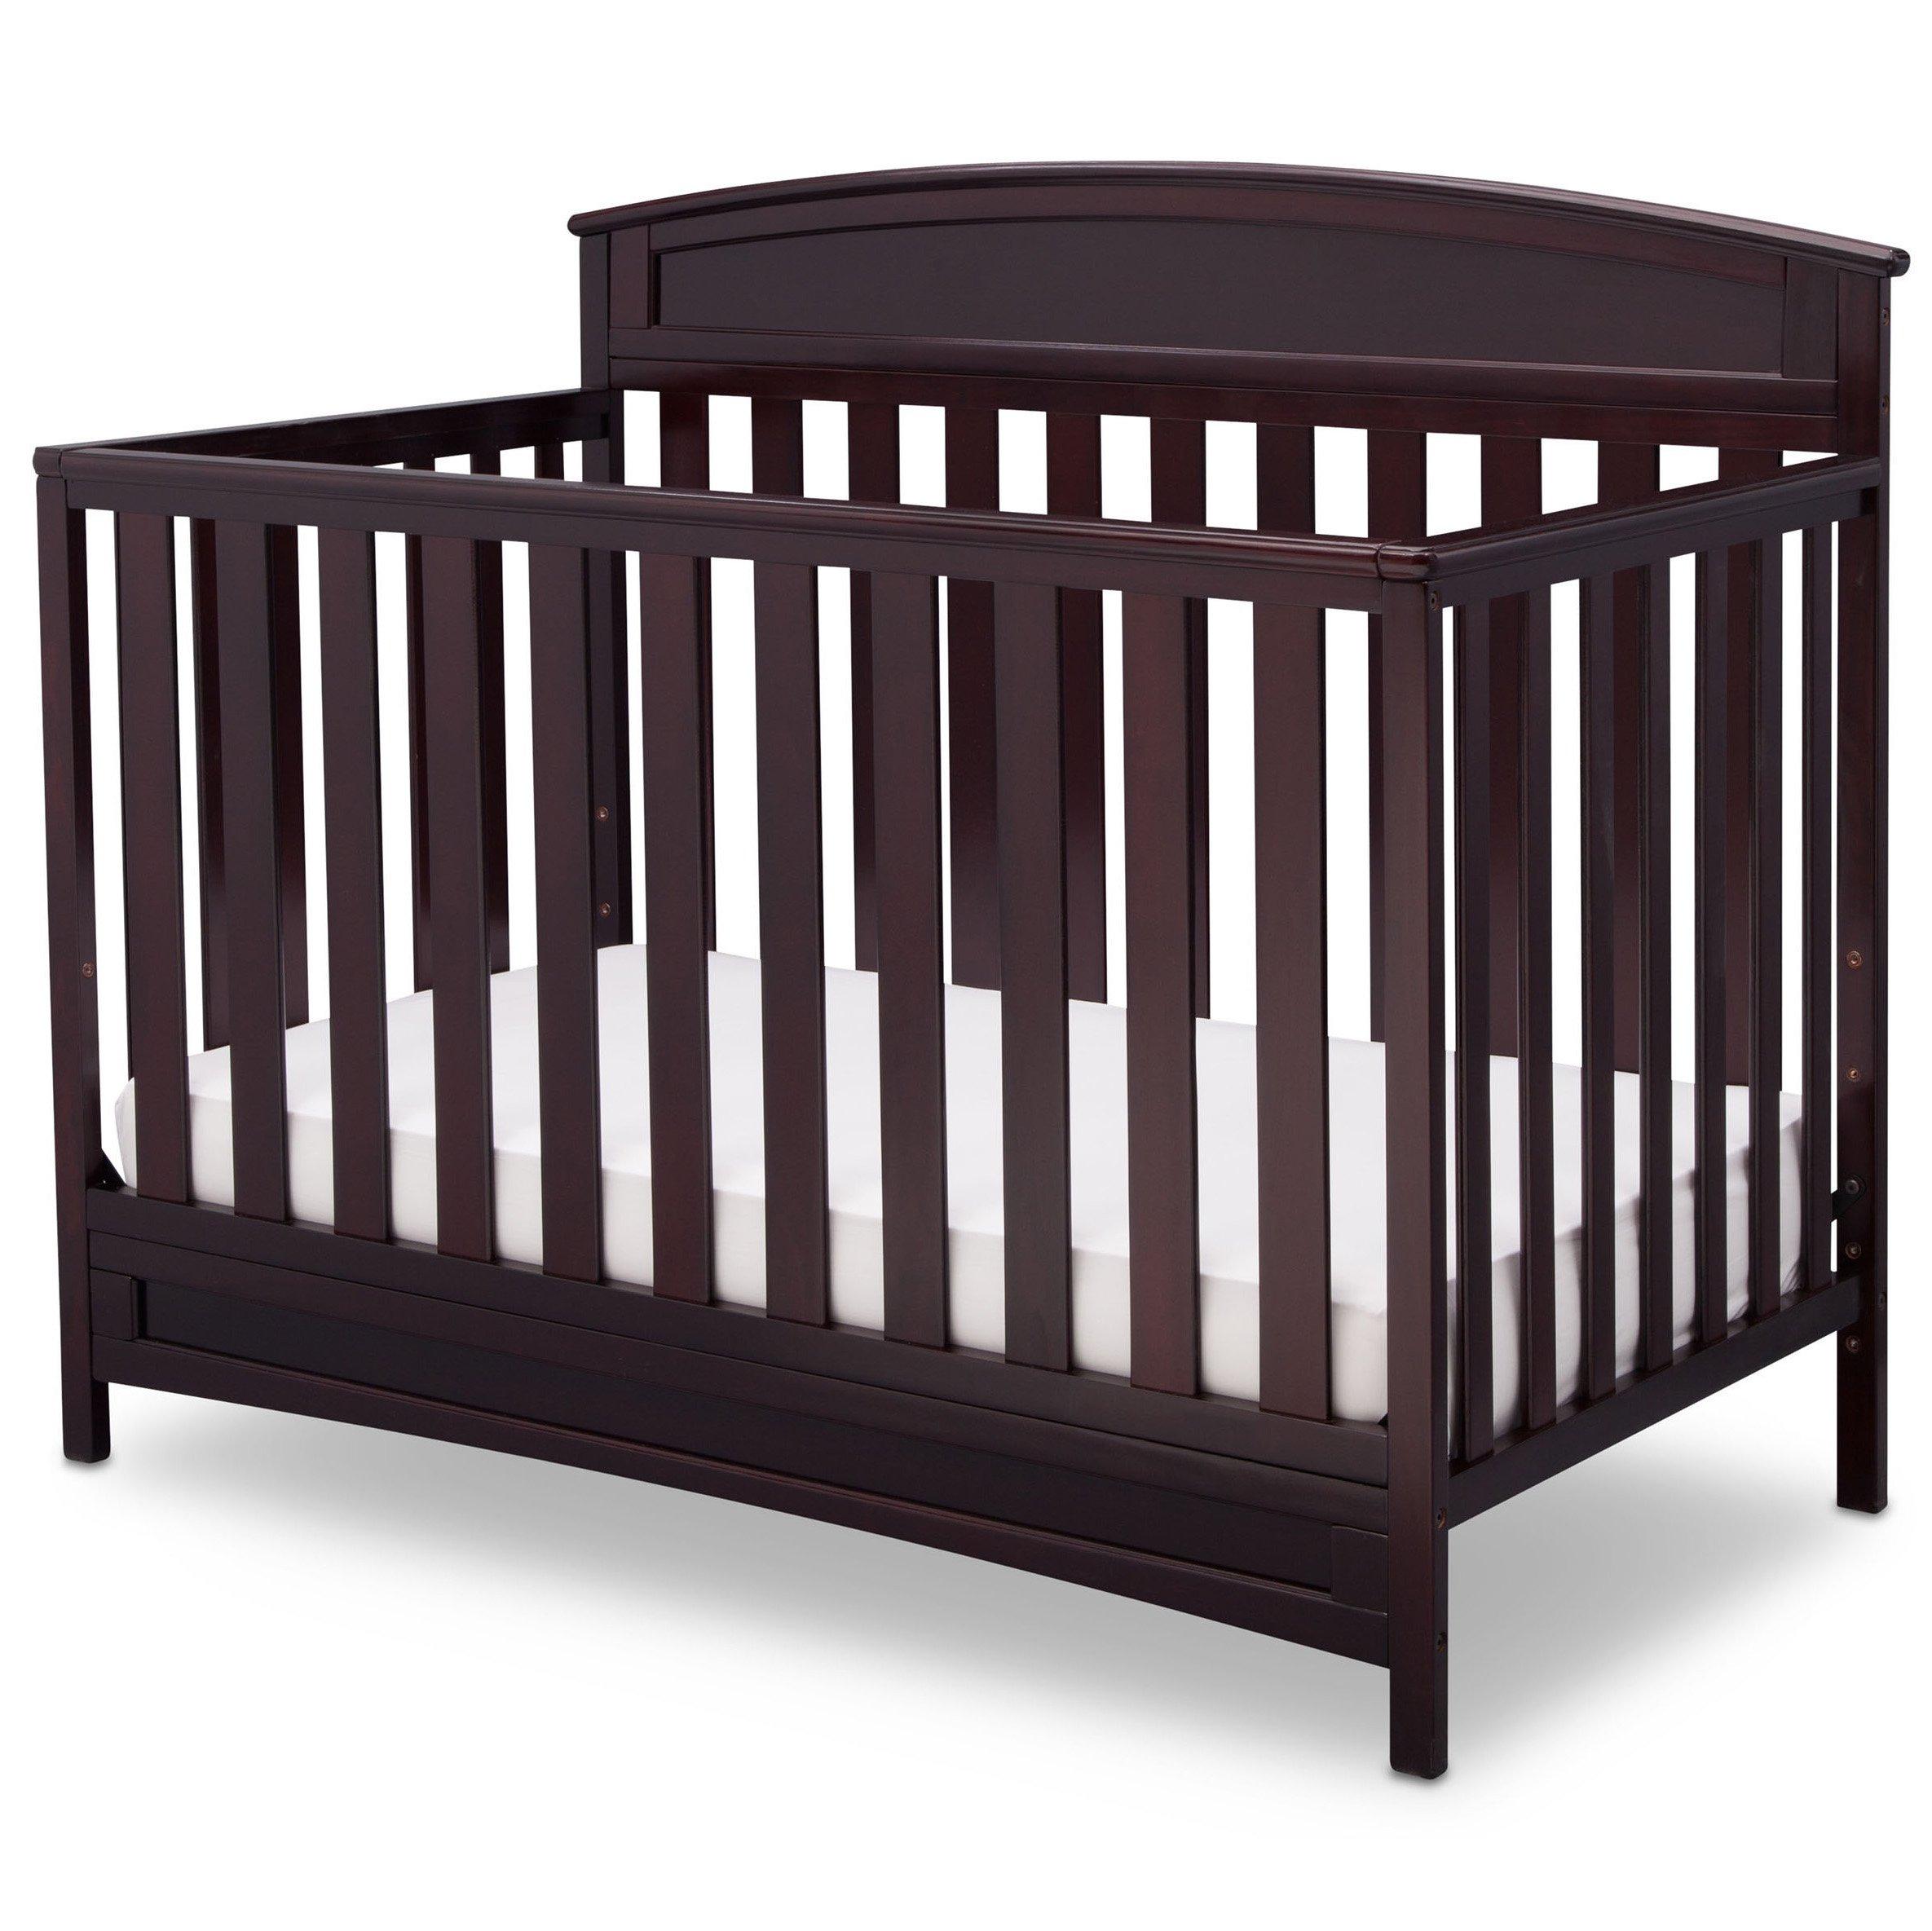 Delta Children Sutton 4 in 1 Convertible Crib, Espresso Java